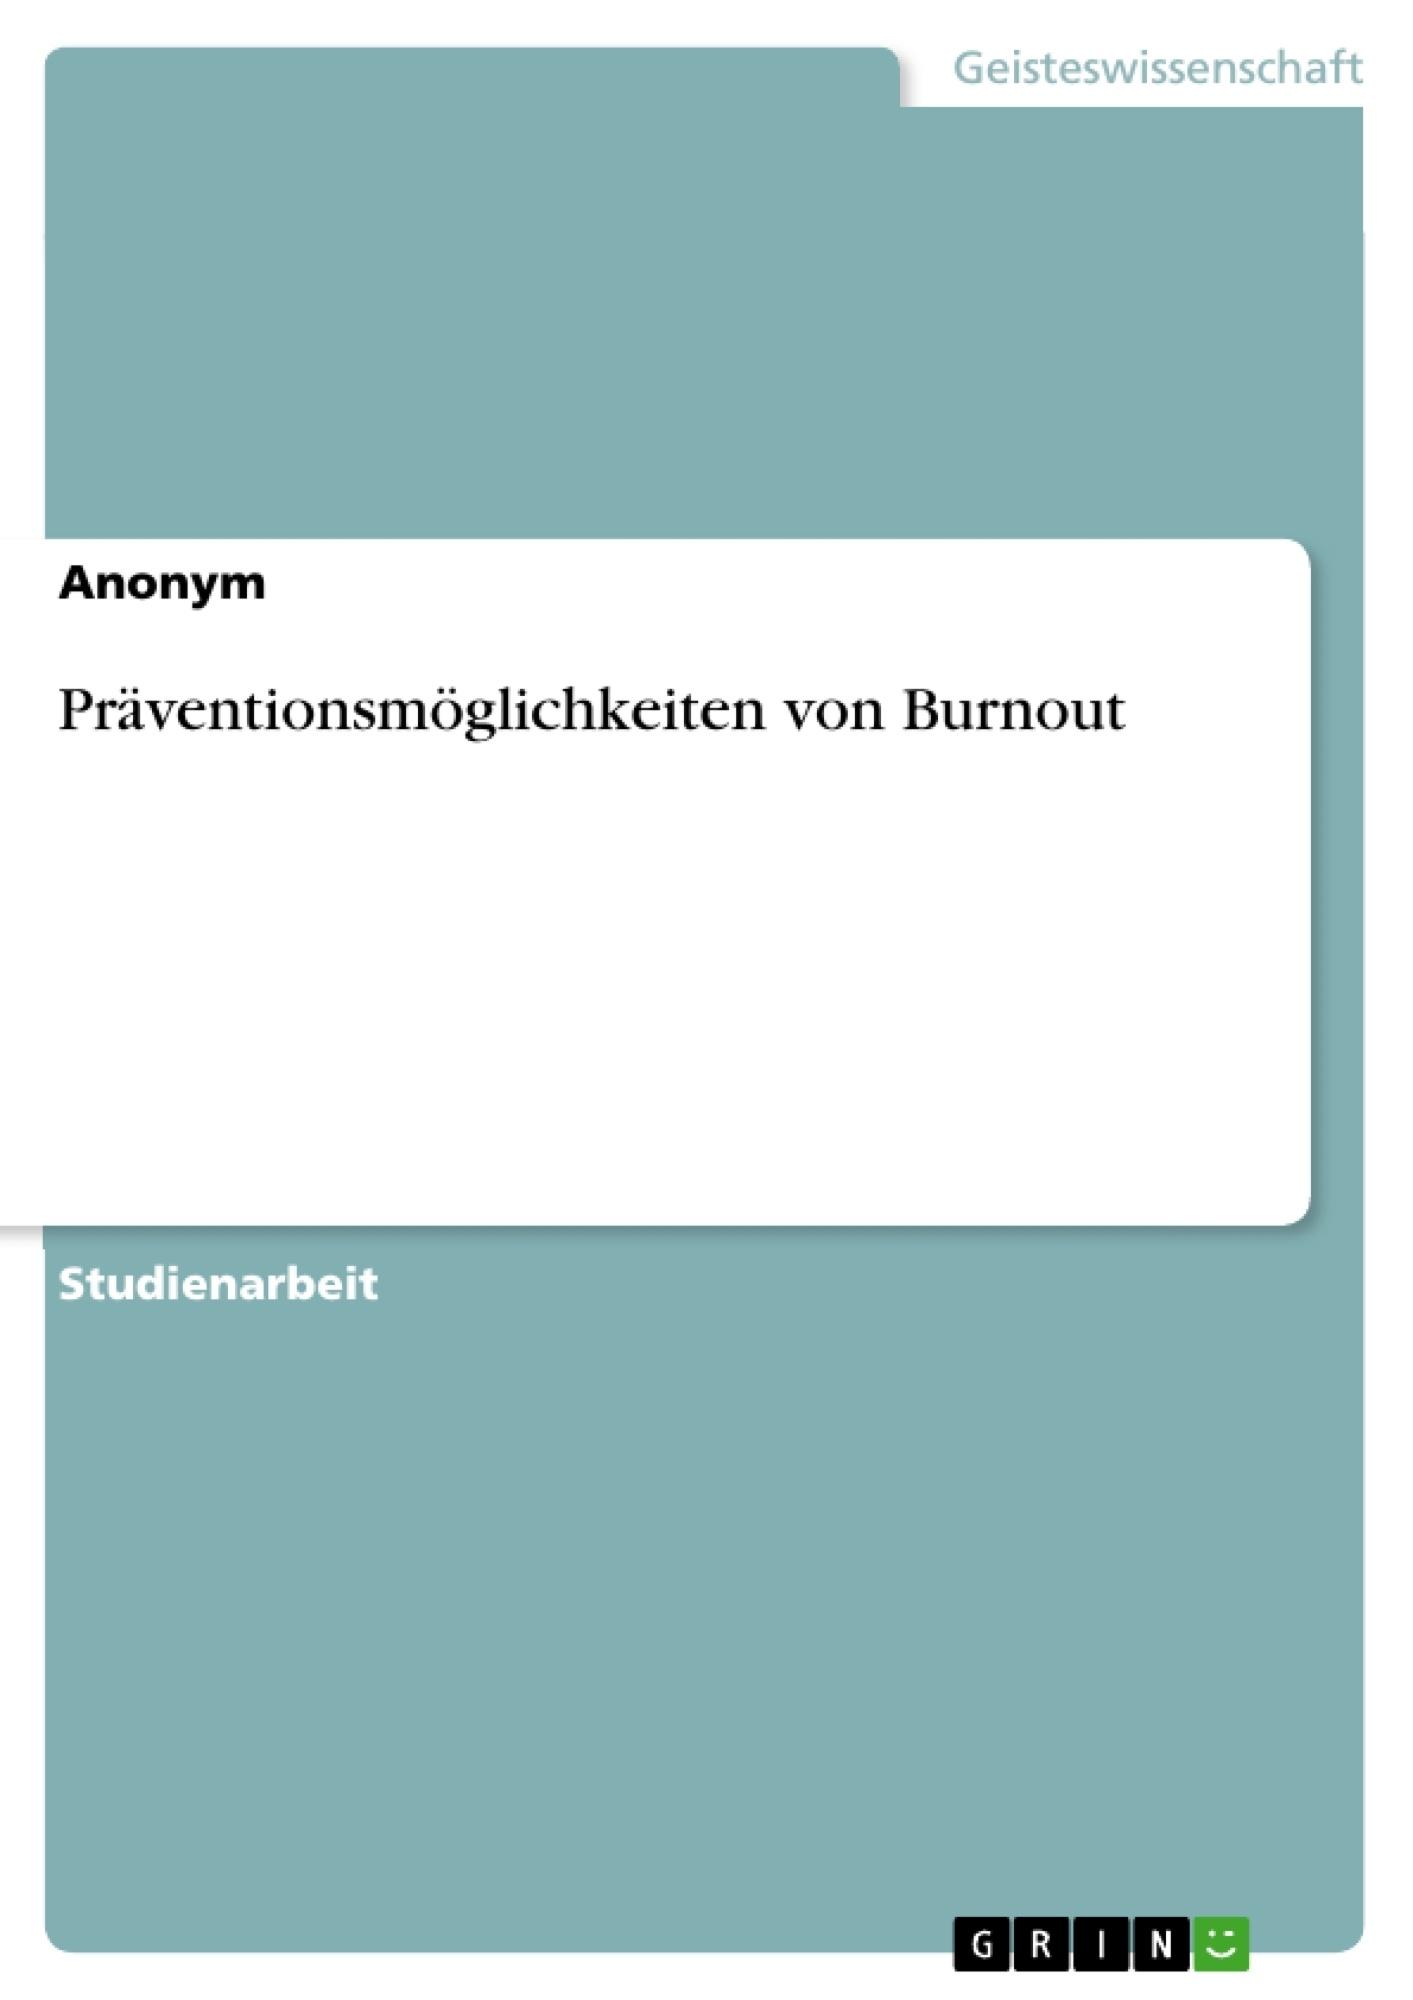 Titel: Präventionsmöglichkeiten von Burnout